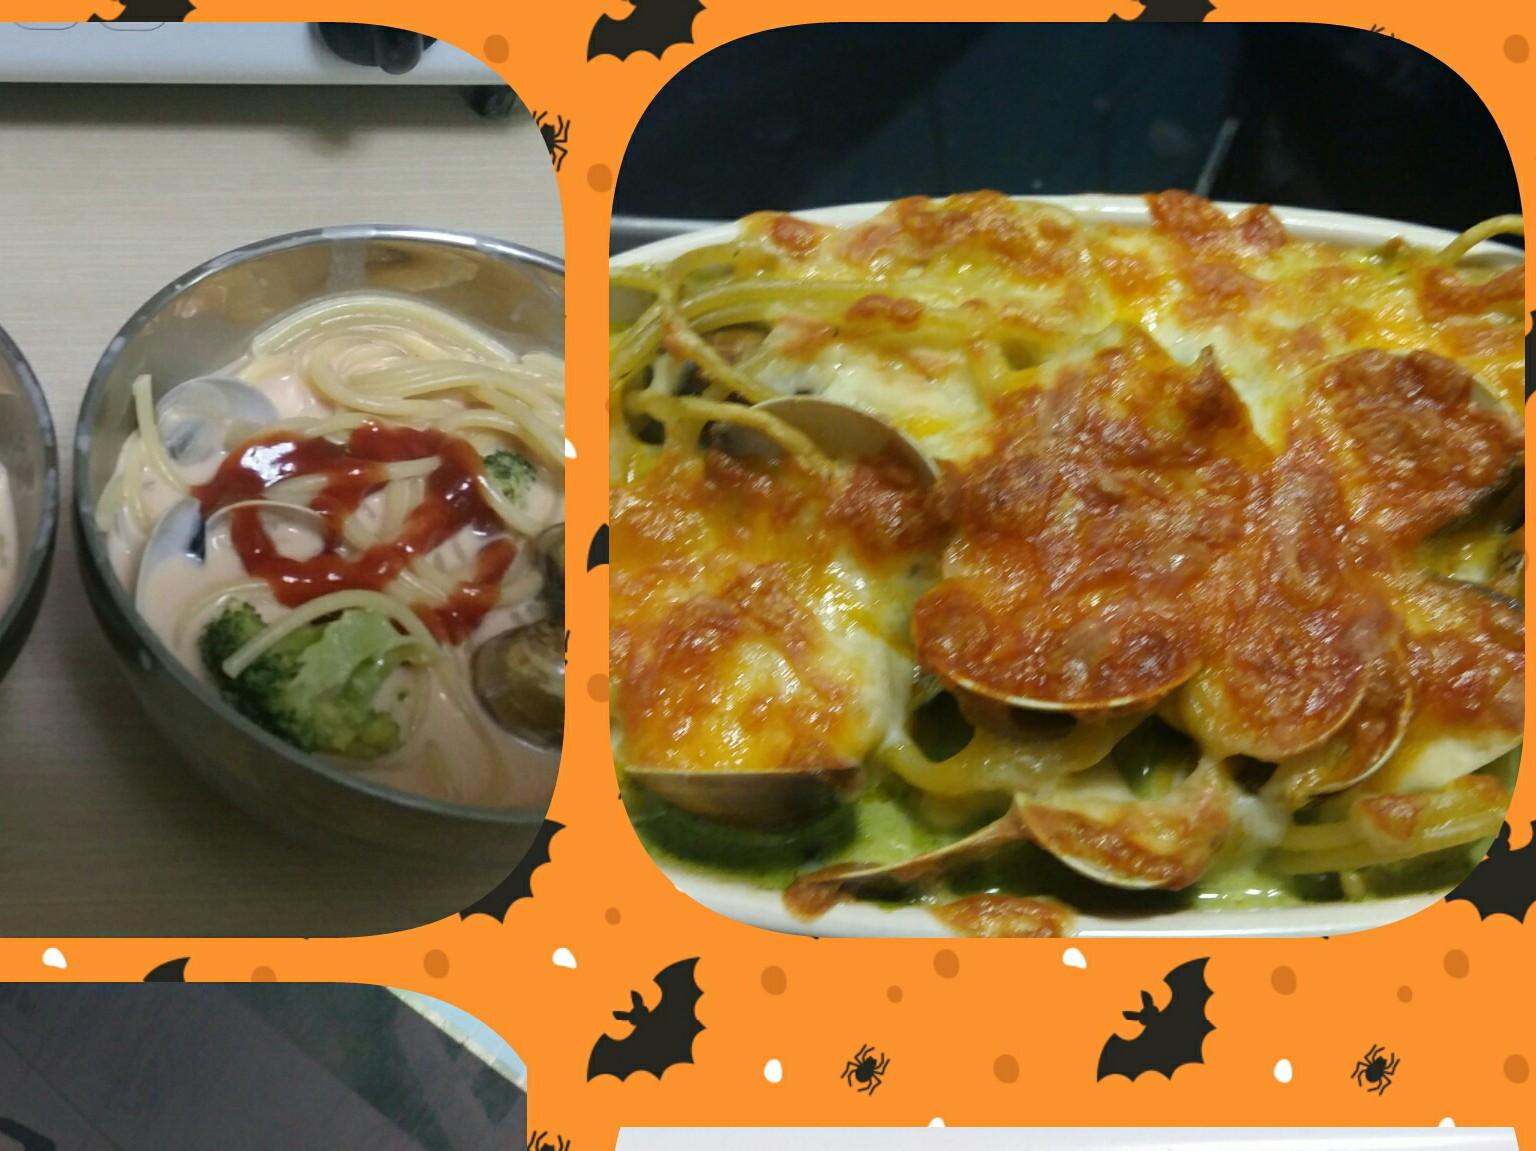 焗烤青醬蛤蜊麵 番茄牛奶蛤蜊麵